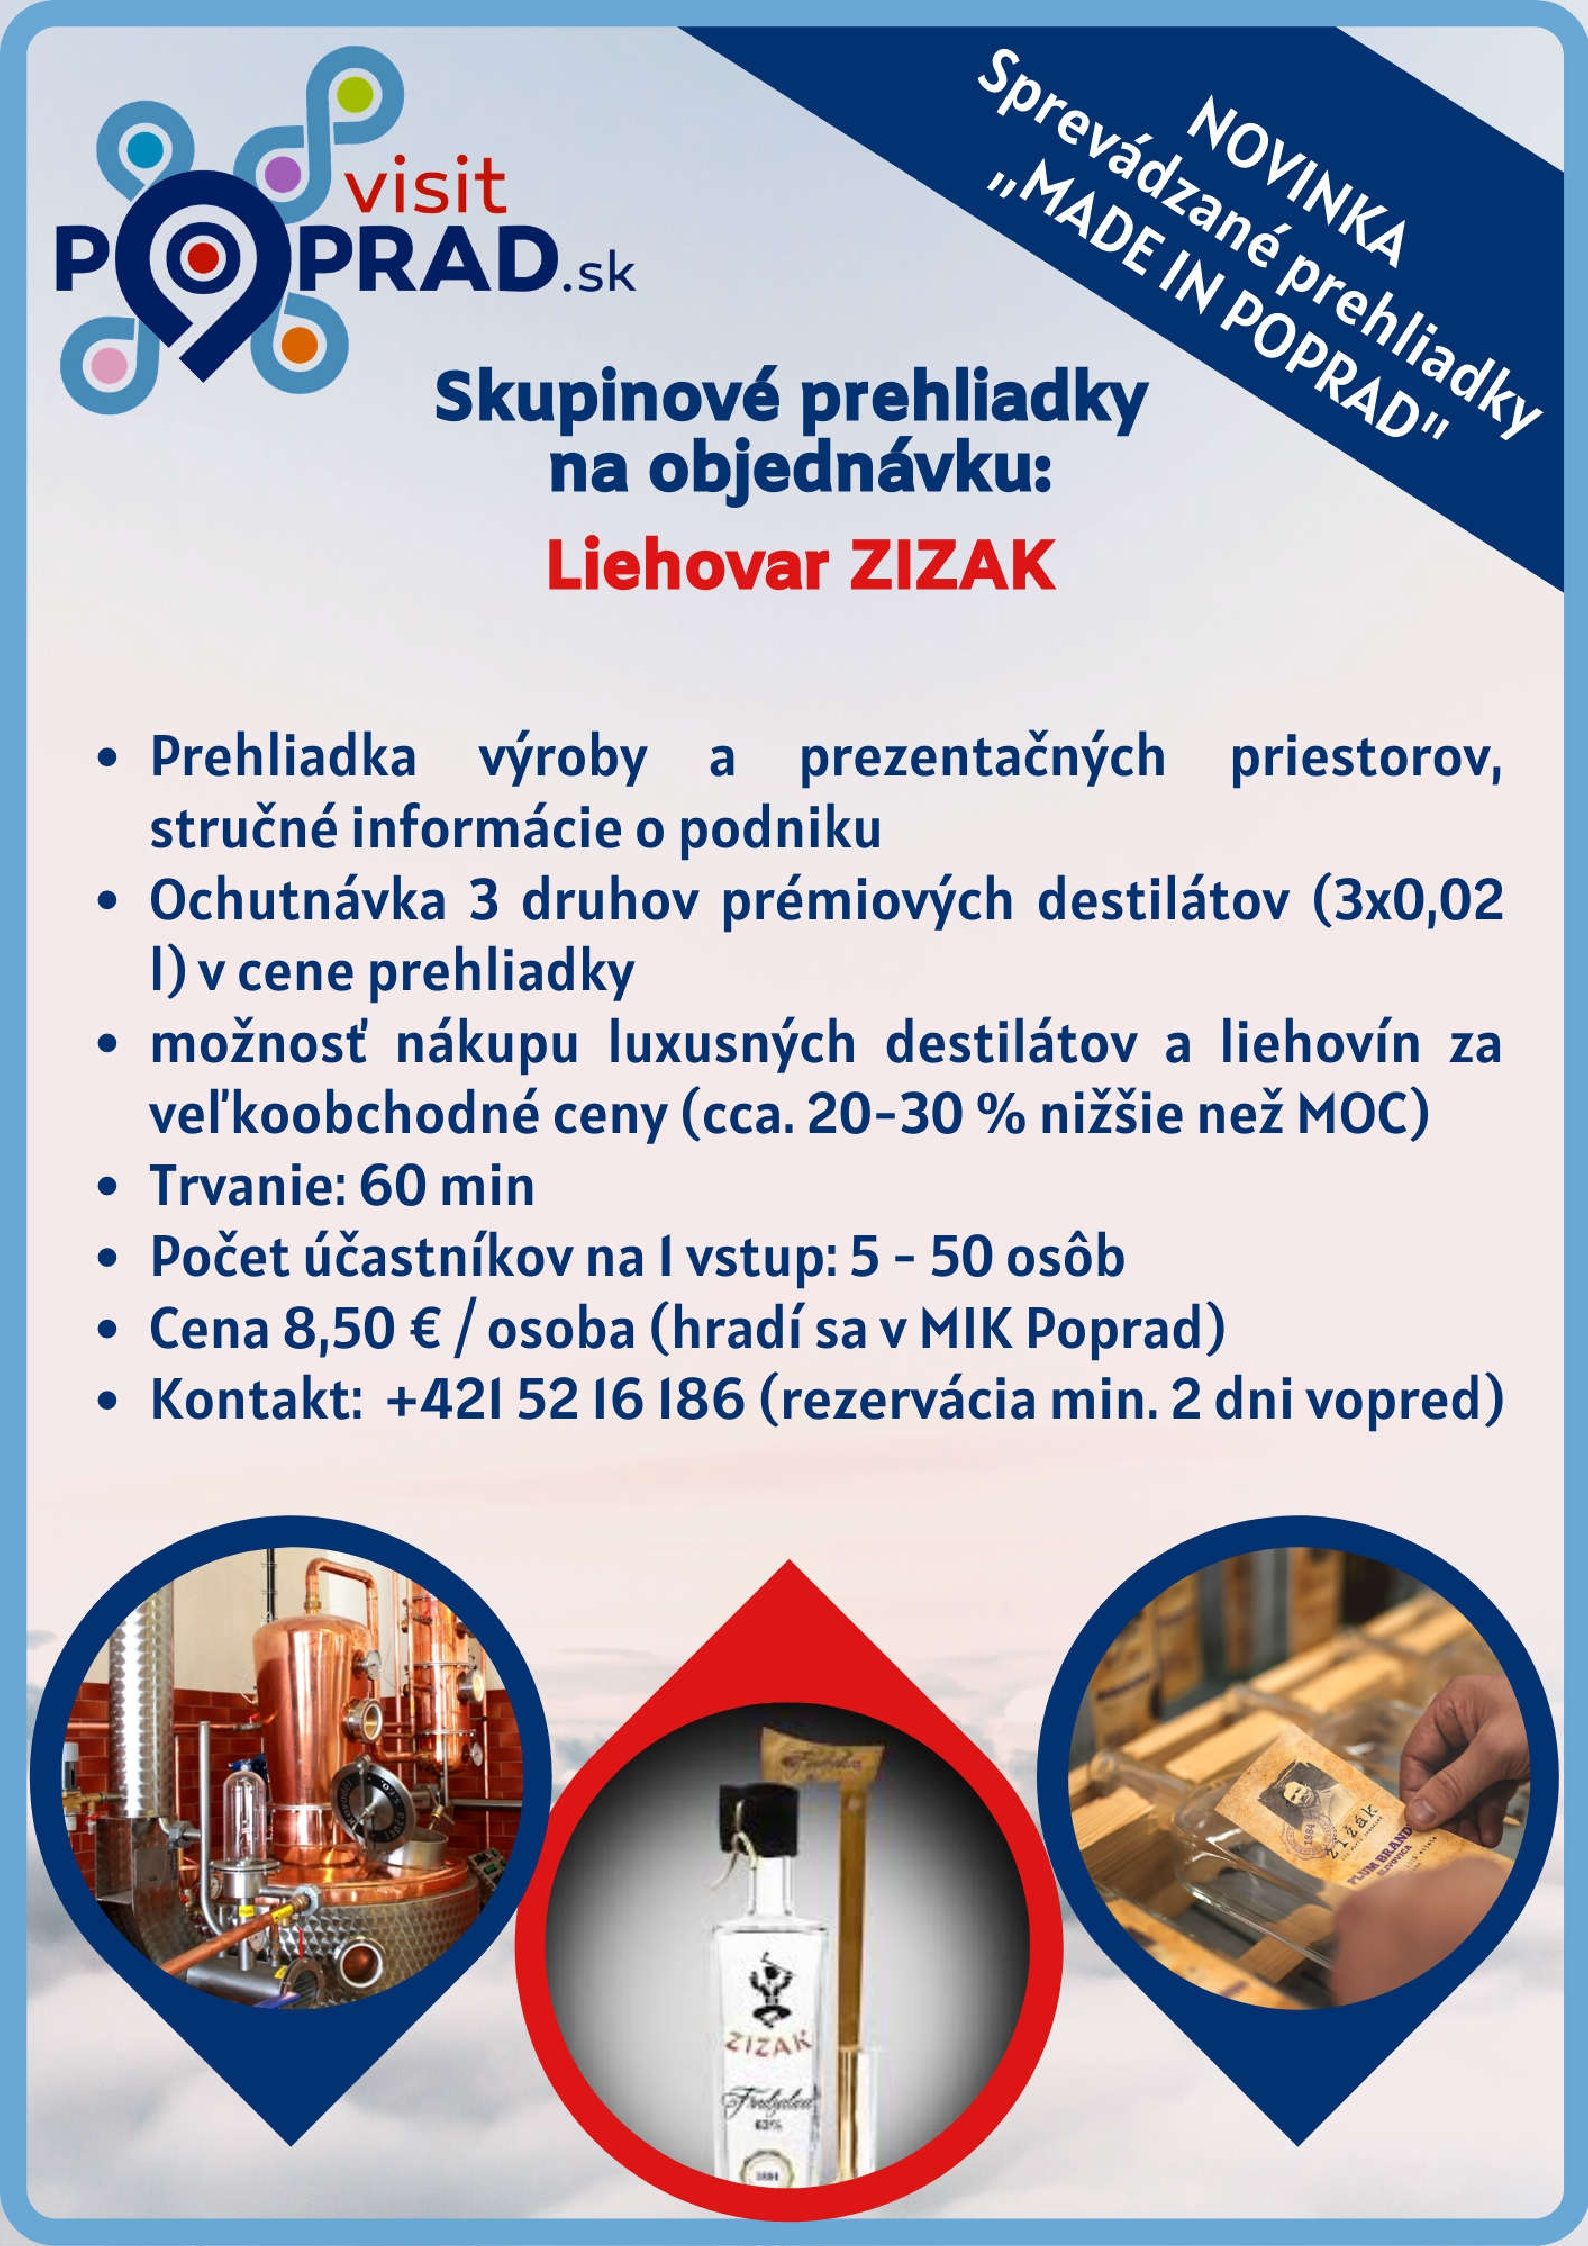 Liehovar ZIZAK (Trvanie: 1 hodina), Cena: 8,50 €